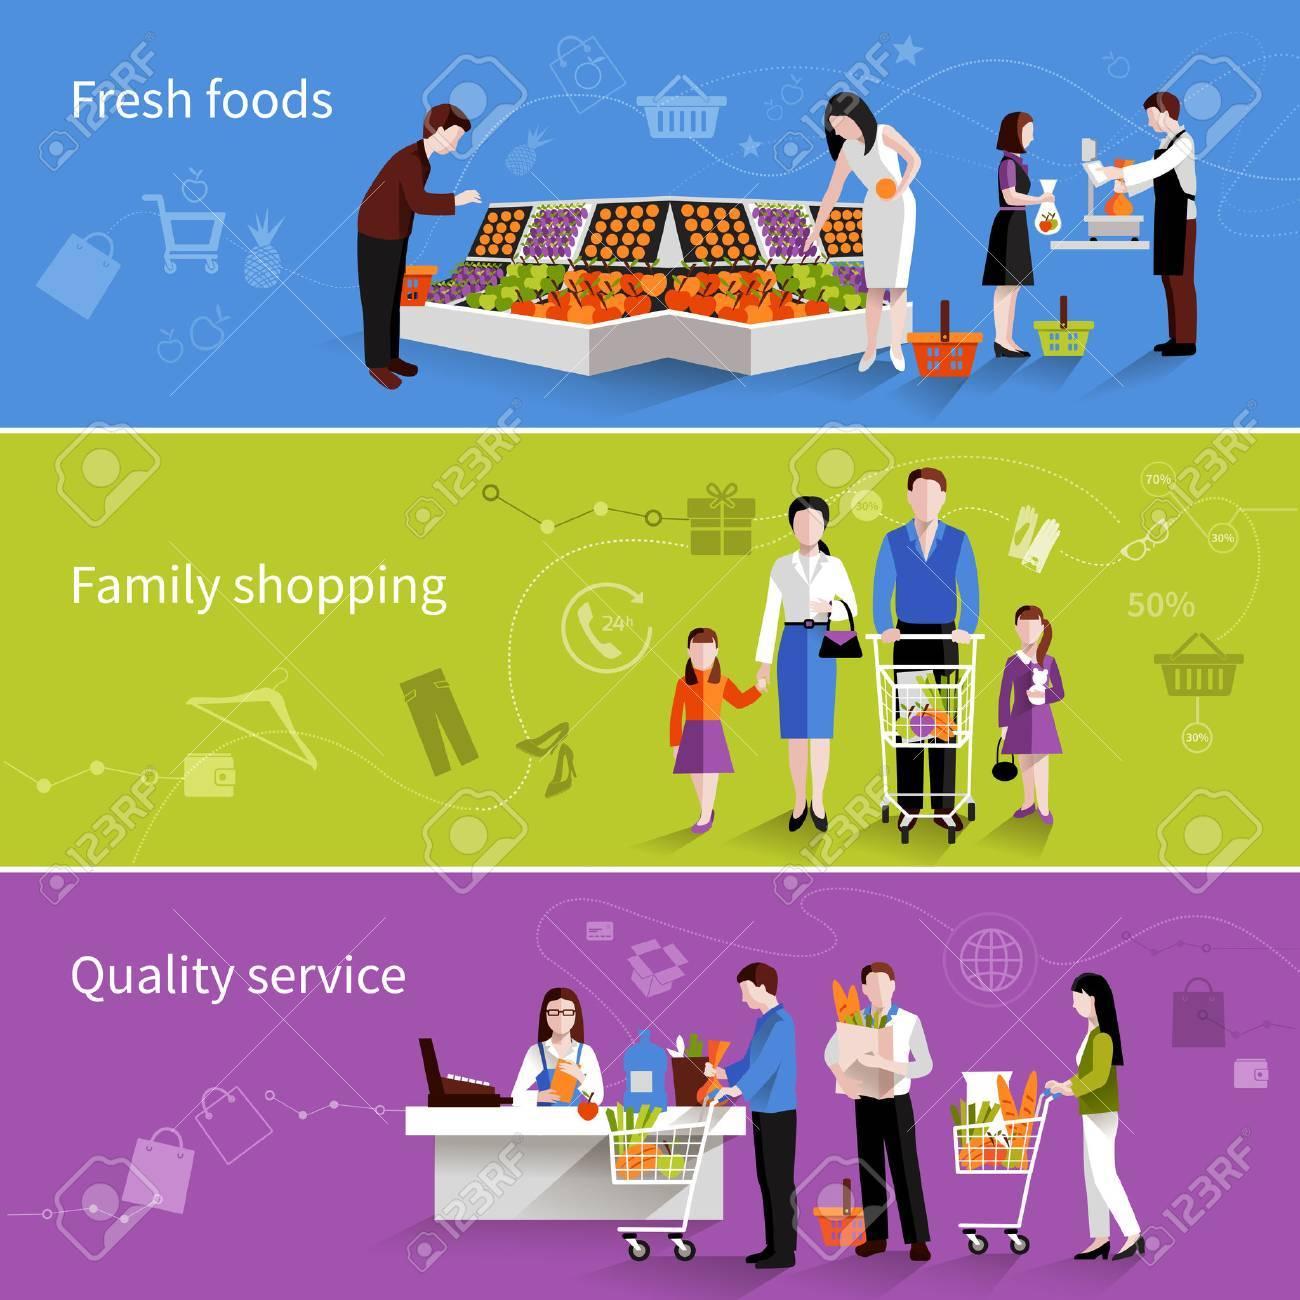 La gente en los supermercados plana banners horizontales establecidas con alimentos frescos familiares elementos de calidad de servicio de compras aisladas ilustración vectorial Foto de archivo - 35957782